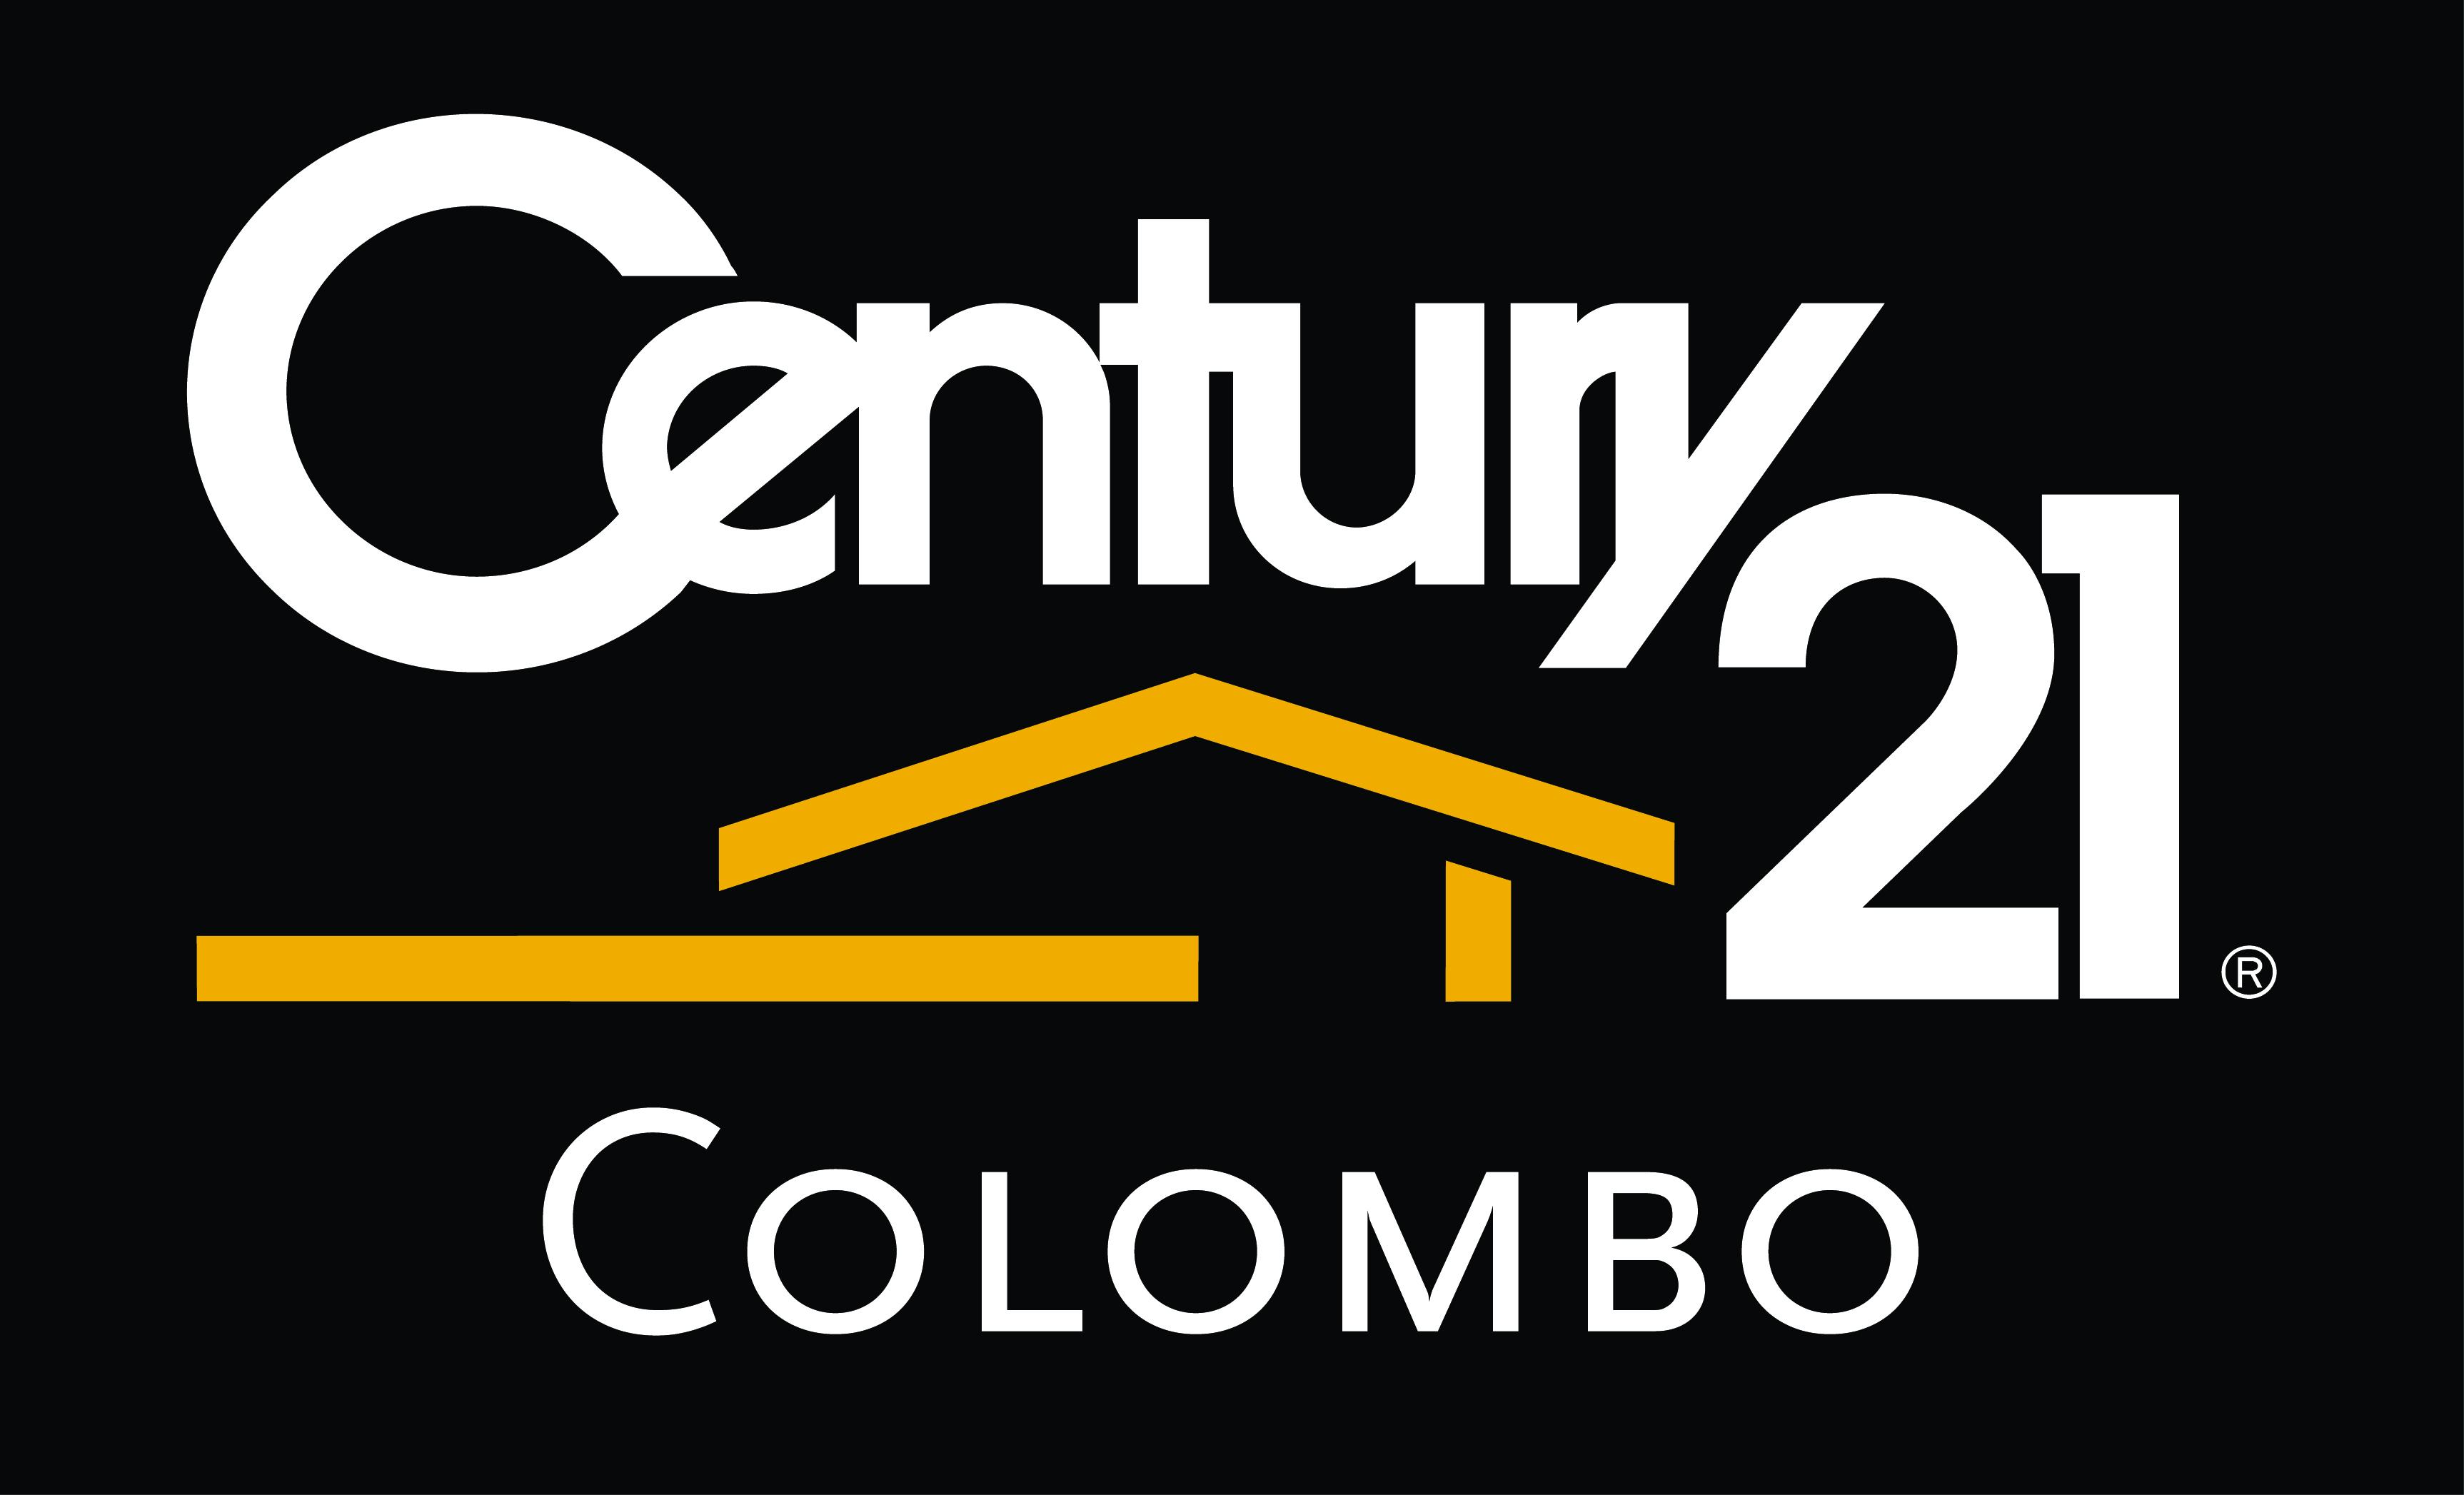 Nuno Almeida - Gerente - Century 21 Colombo